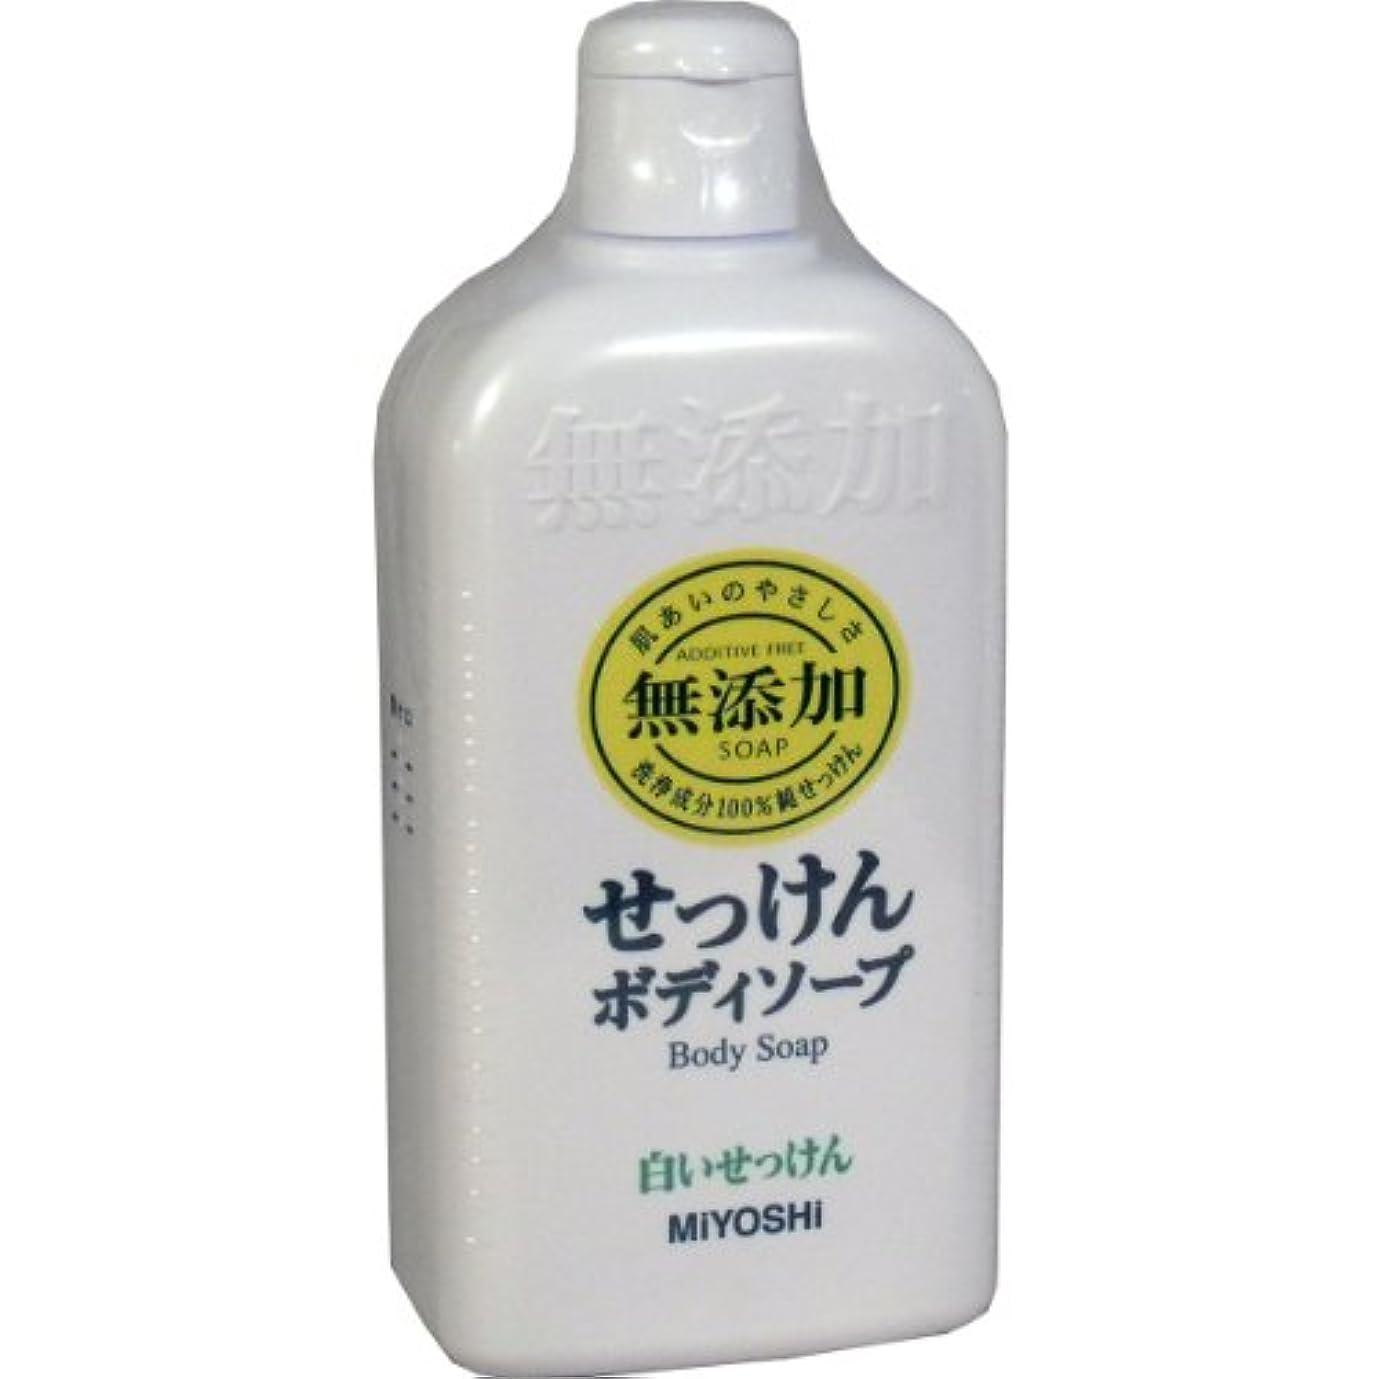 上がる後ろにポーチ無添加 ボディソープ 白い石けん レギュラー 400ml(無添加石鹸) 7セット